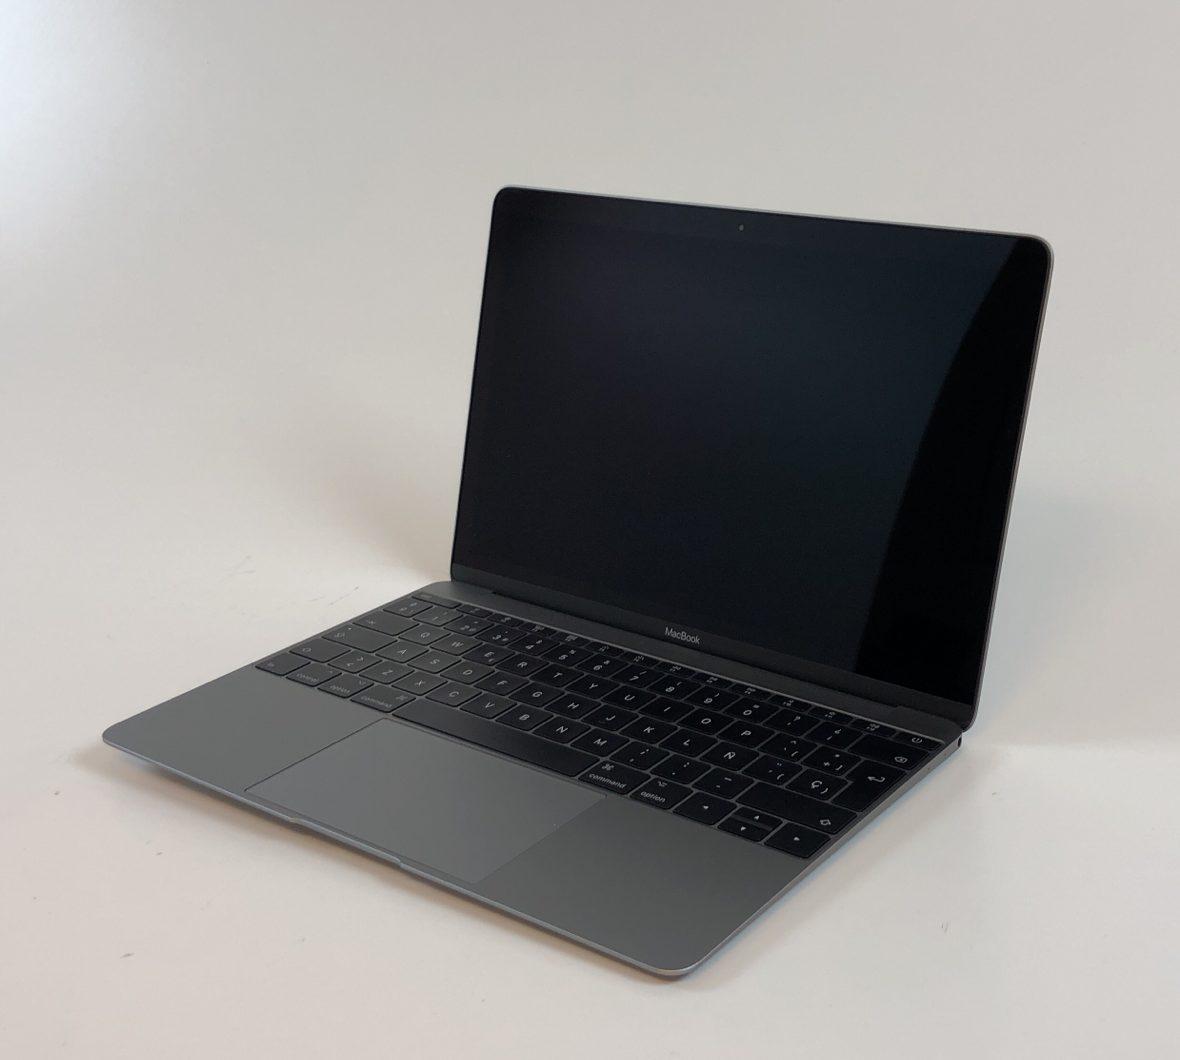 """MacBook 12"""" Mid 2017 (Intel Core i5 1.3 GHz 8 GB RAM 512 GB SSD), Space Gray, Intel Core i5 1.3 GHz, 8 GB RAM, 512 GB SSD, imagen 3"""